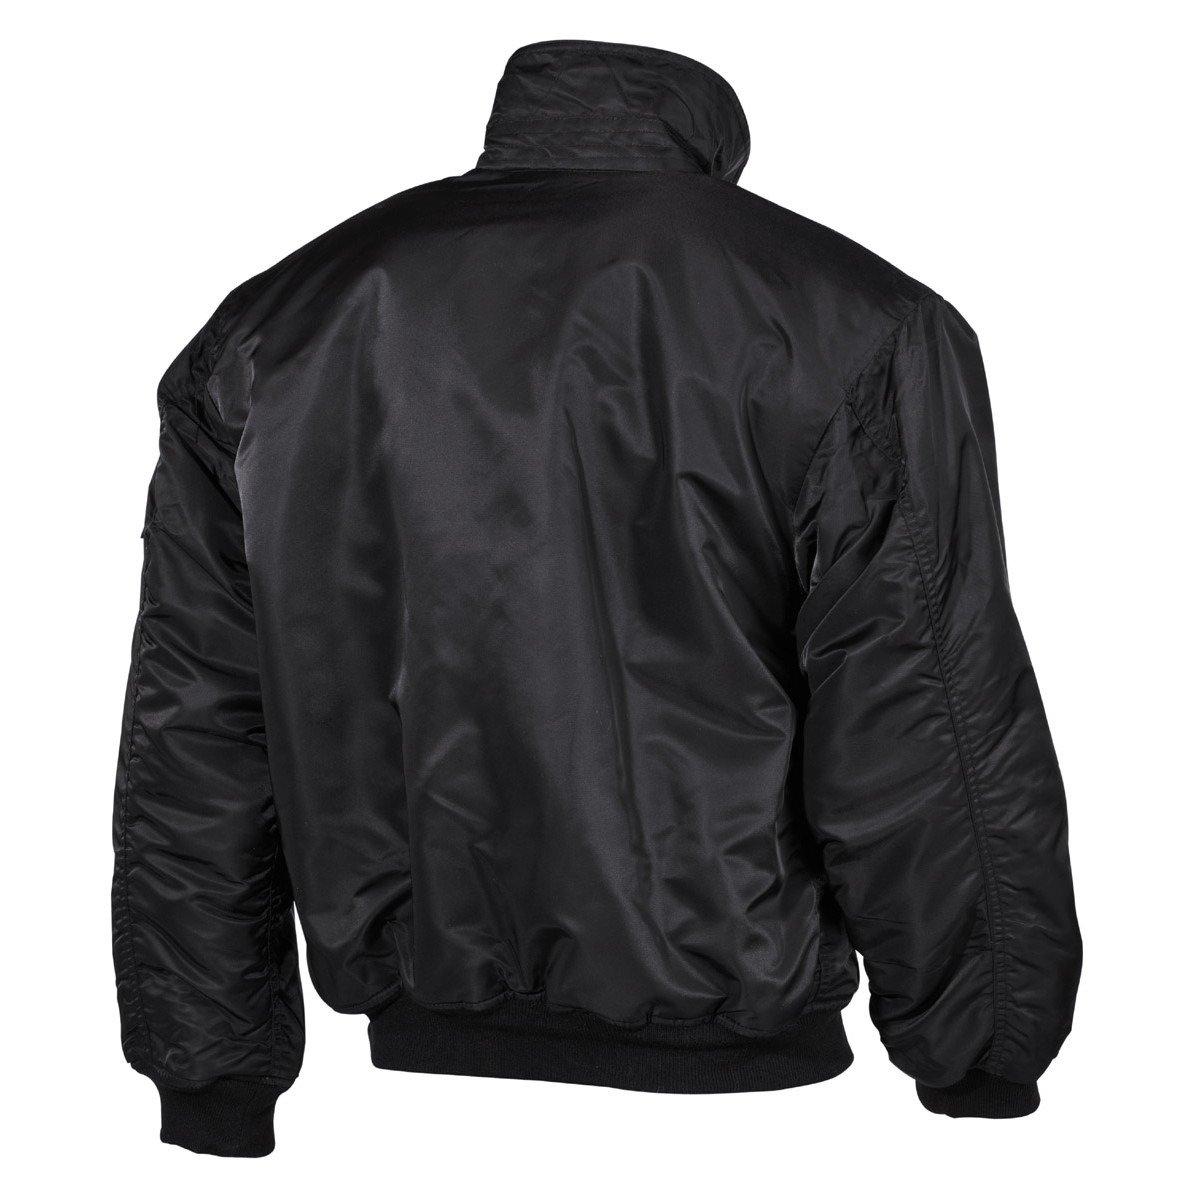 MFH CWU bomber pilot jacket 4696b95d1e